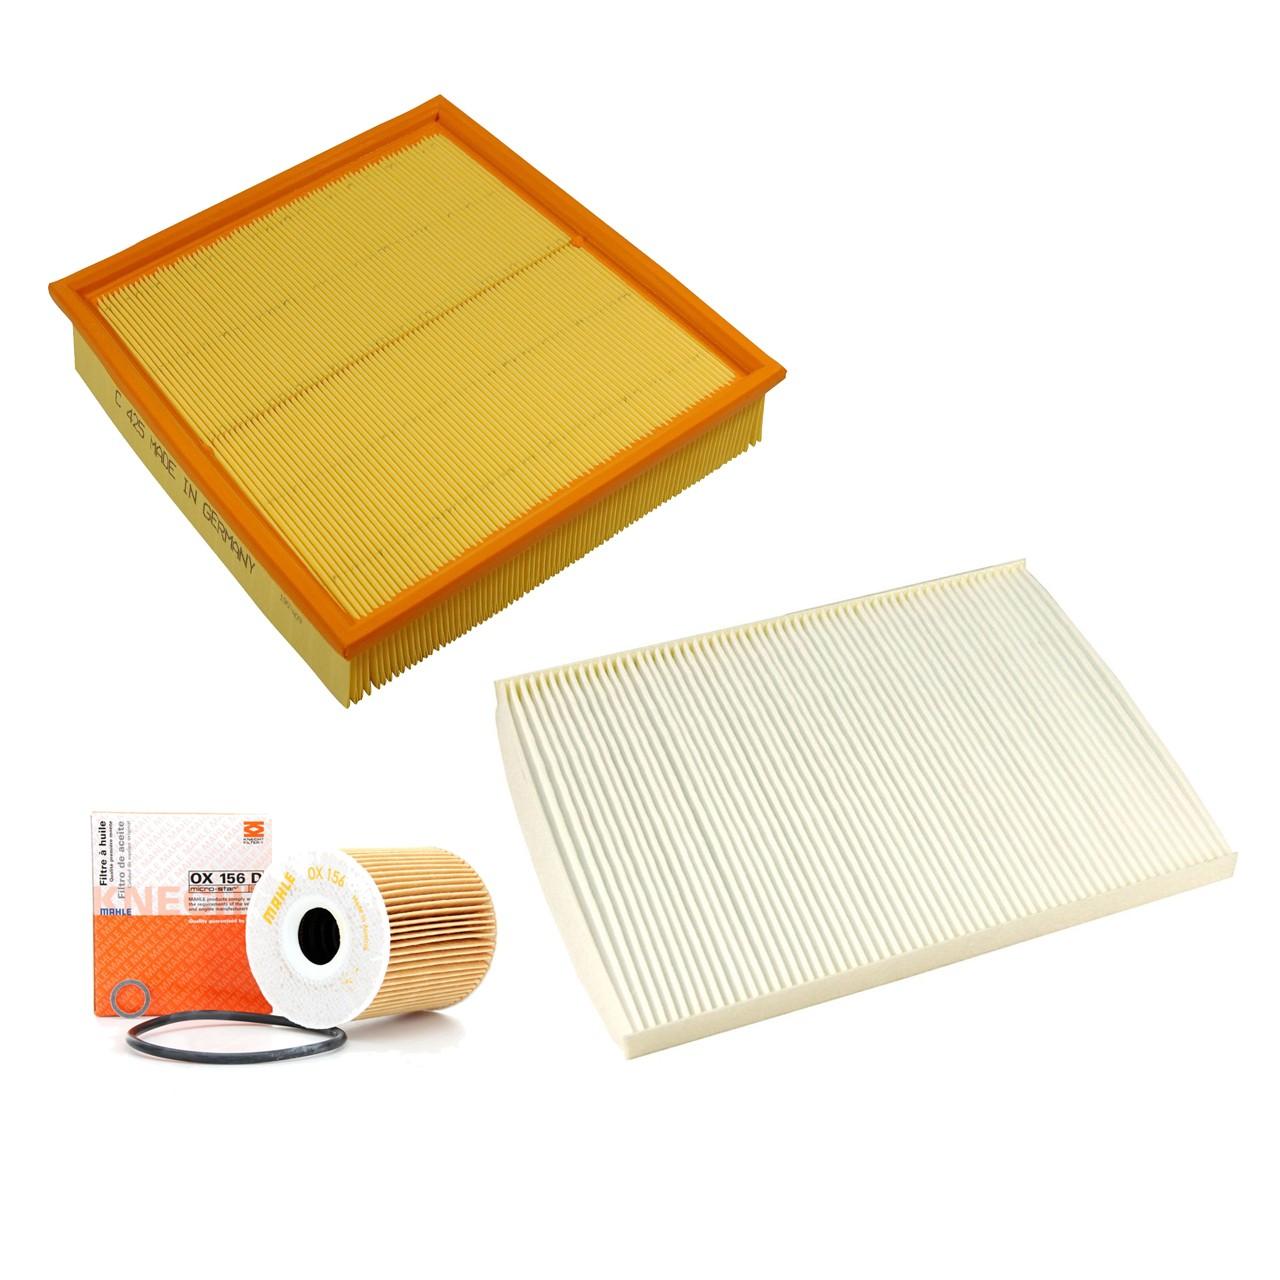 Inspektionskit Filterpaket Filterset OPEL Omega B 2.5 DTI 150 PS Y25DT